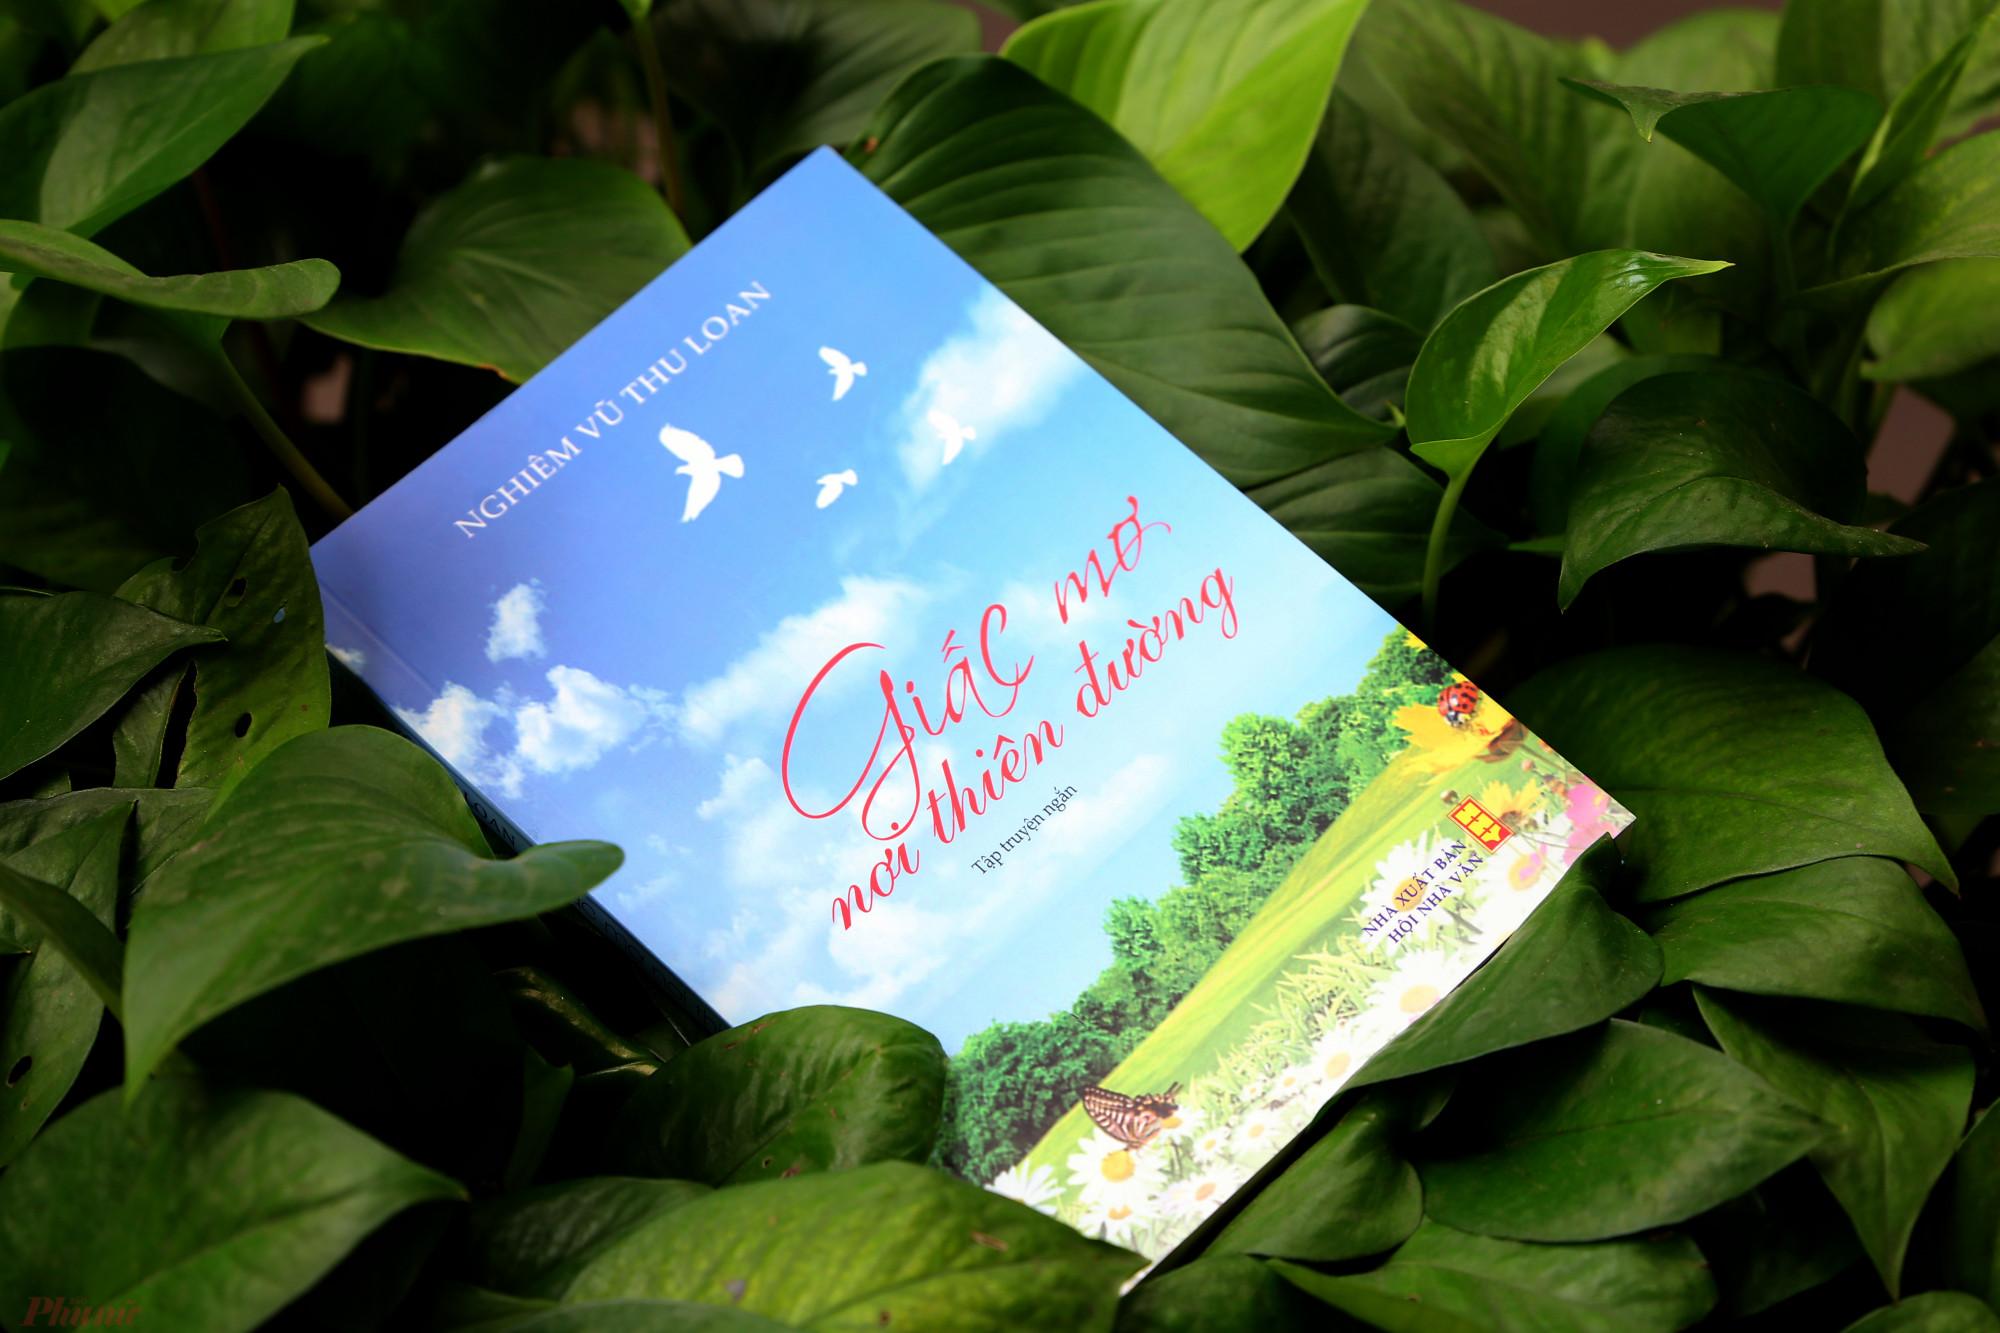 Cuốn Giấc mơ nơi thiên đường được tác giả góp nhặt từ câu chuyện của những mảnh đời xung quanh và từ trải nghiệm của chính bản thân